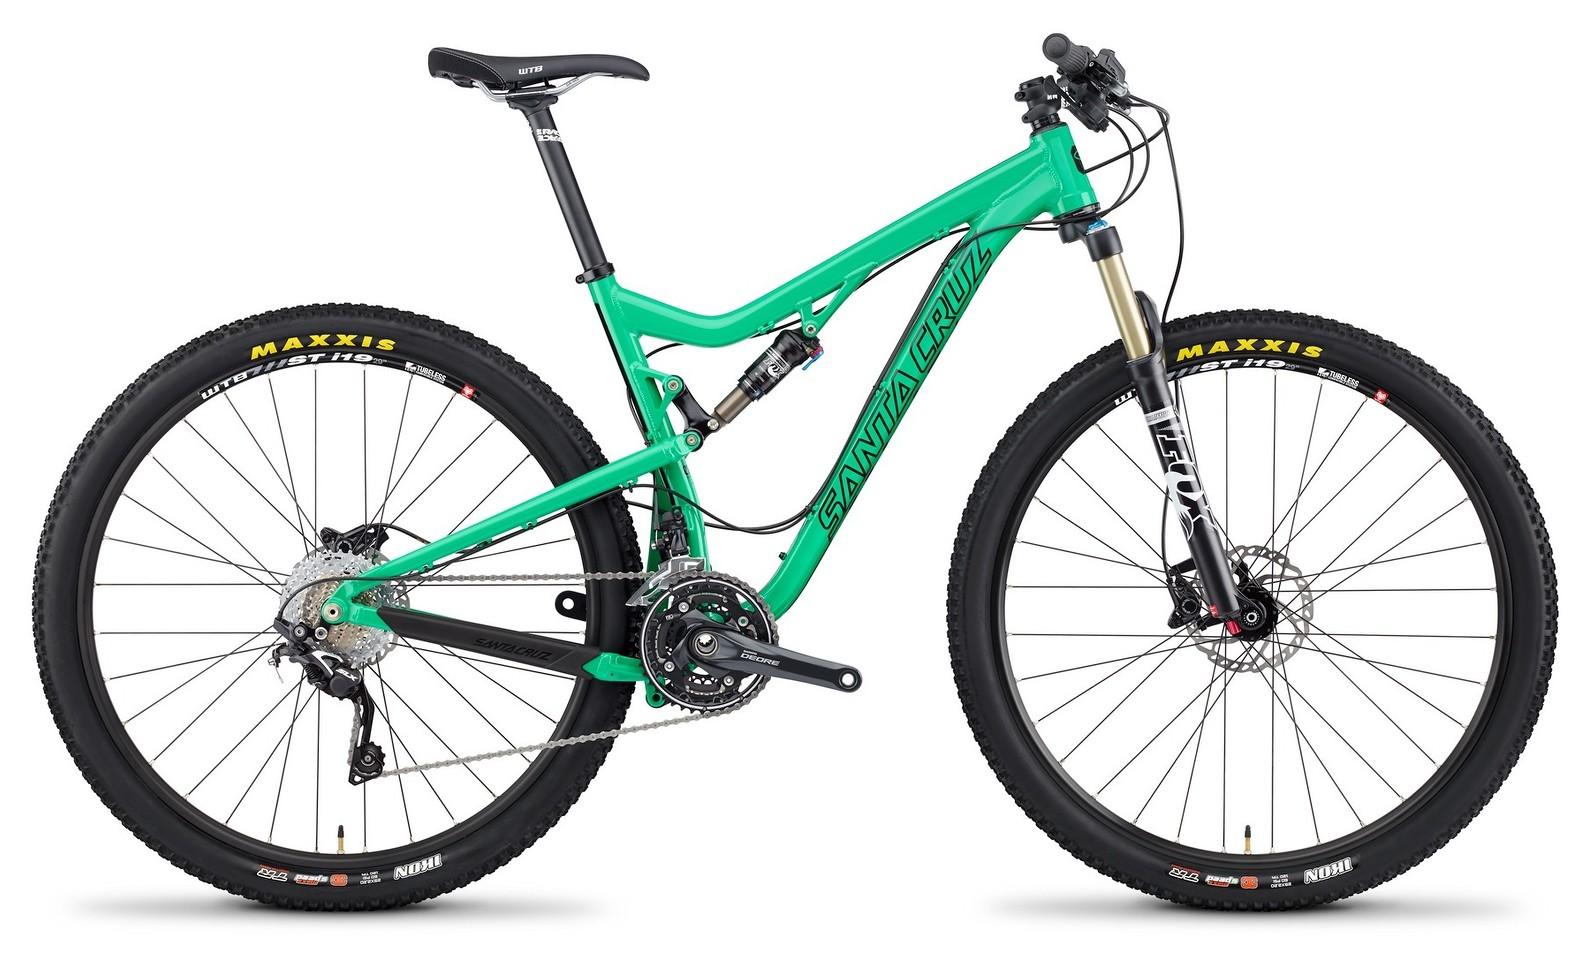 2014 Santa Cruz Tallboy 2 X0-1 XC 29 Bike TallBoy_profile_Alum_GRN